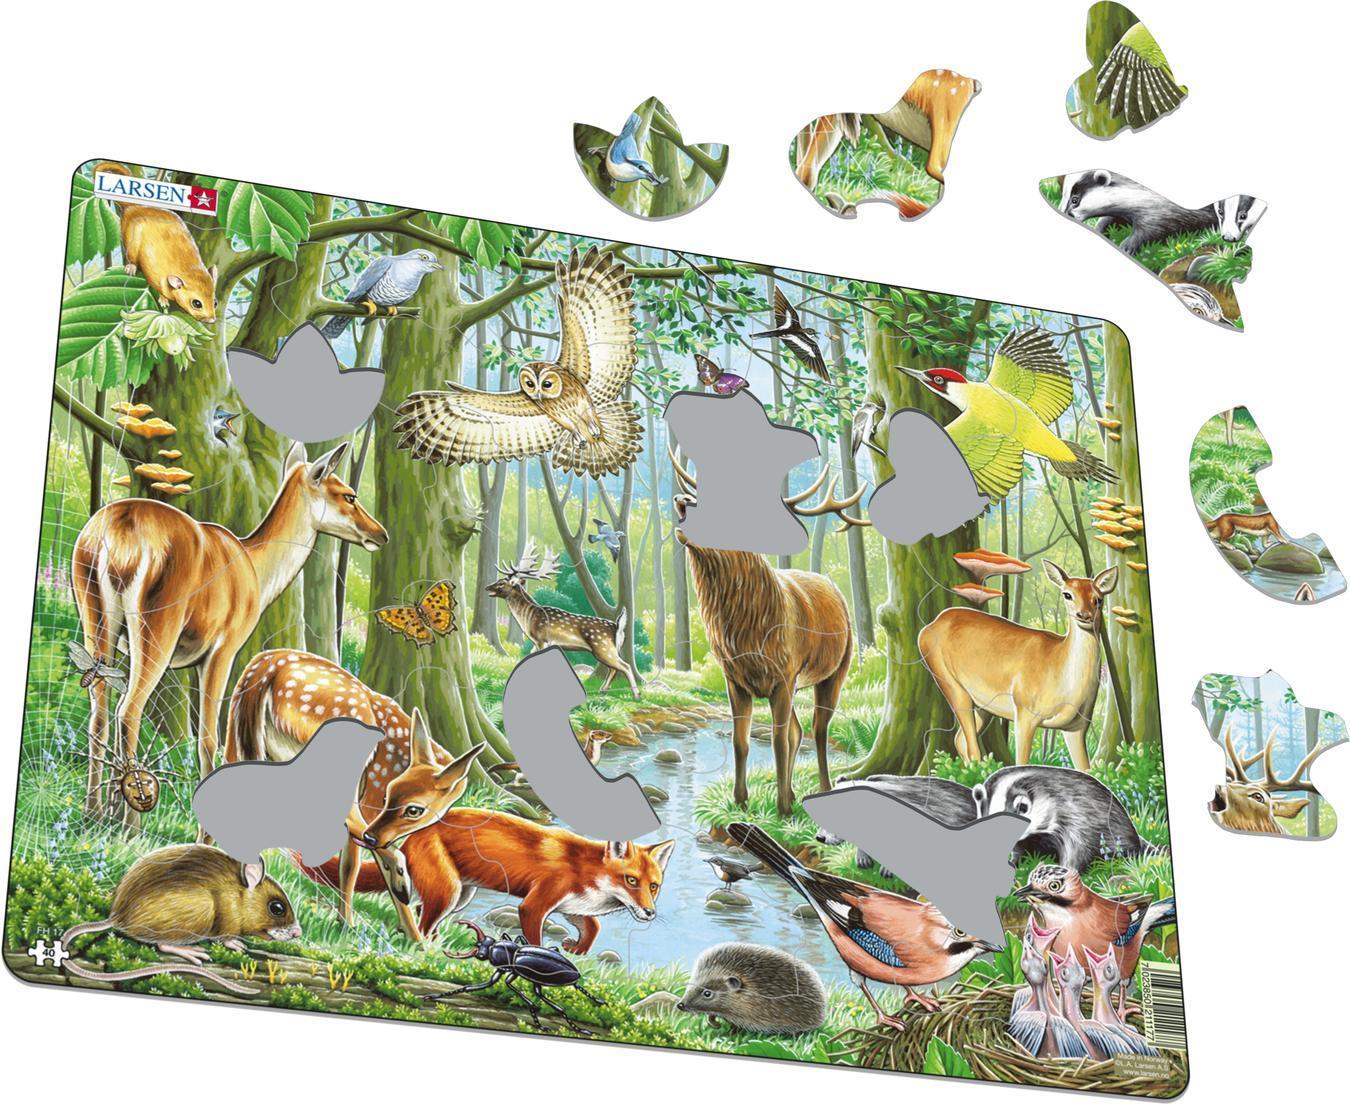 Купить Пазл Larsen «Европейский лес» 40 деталей, Норвегия